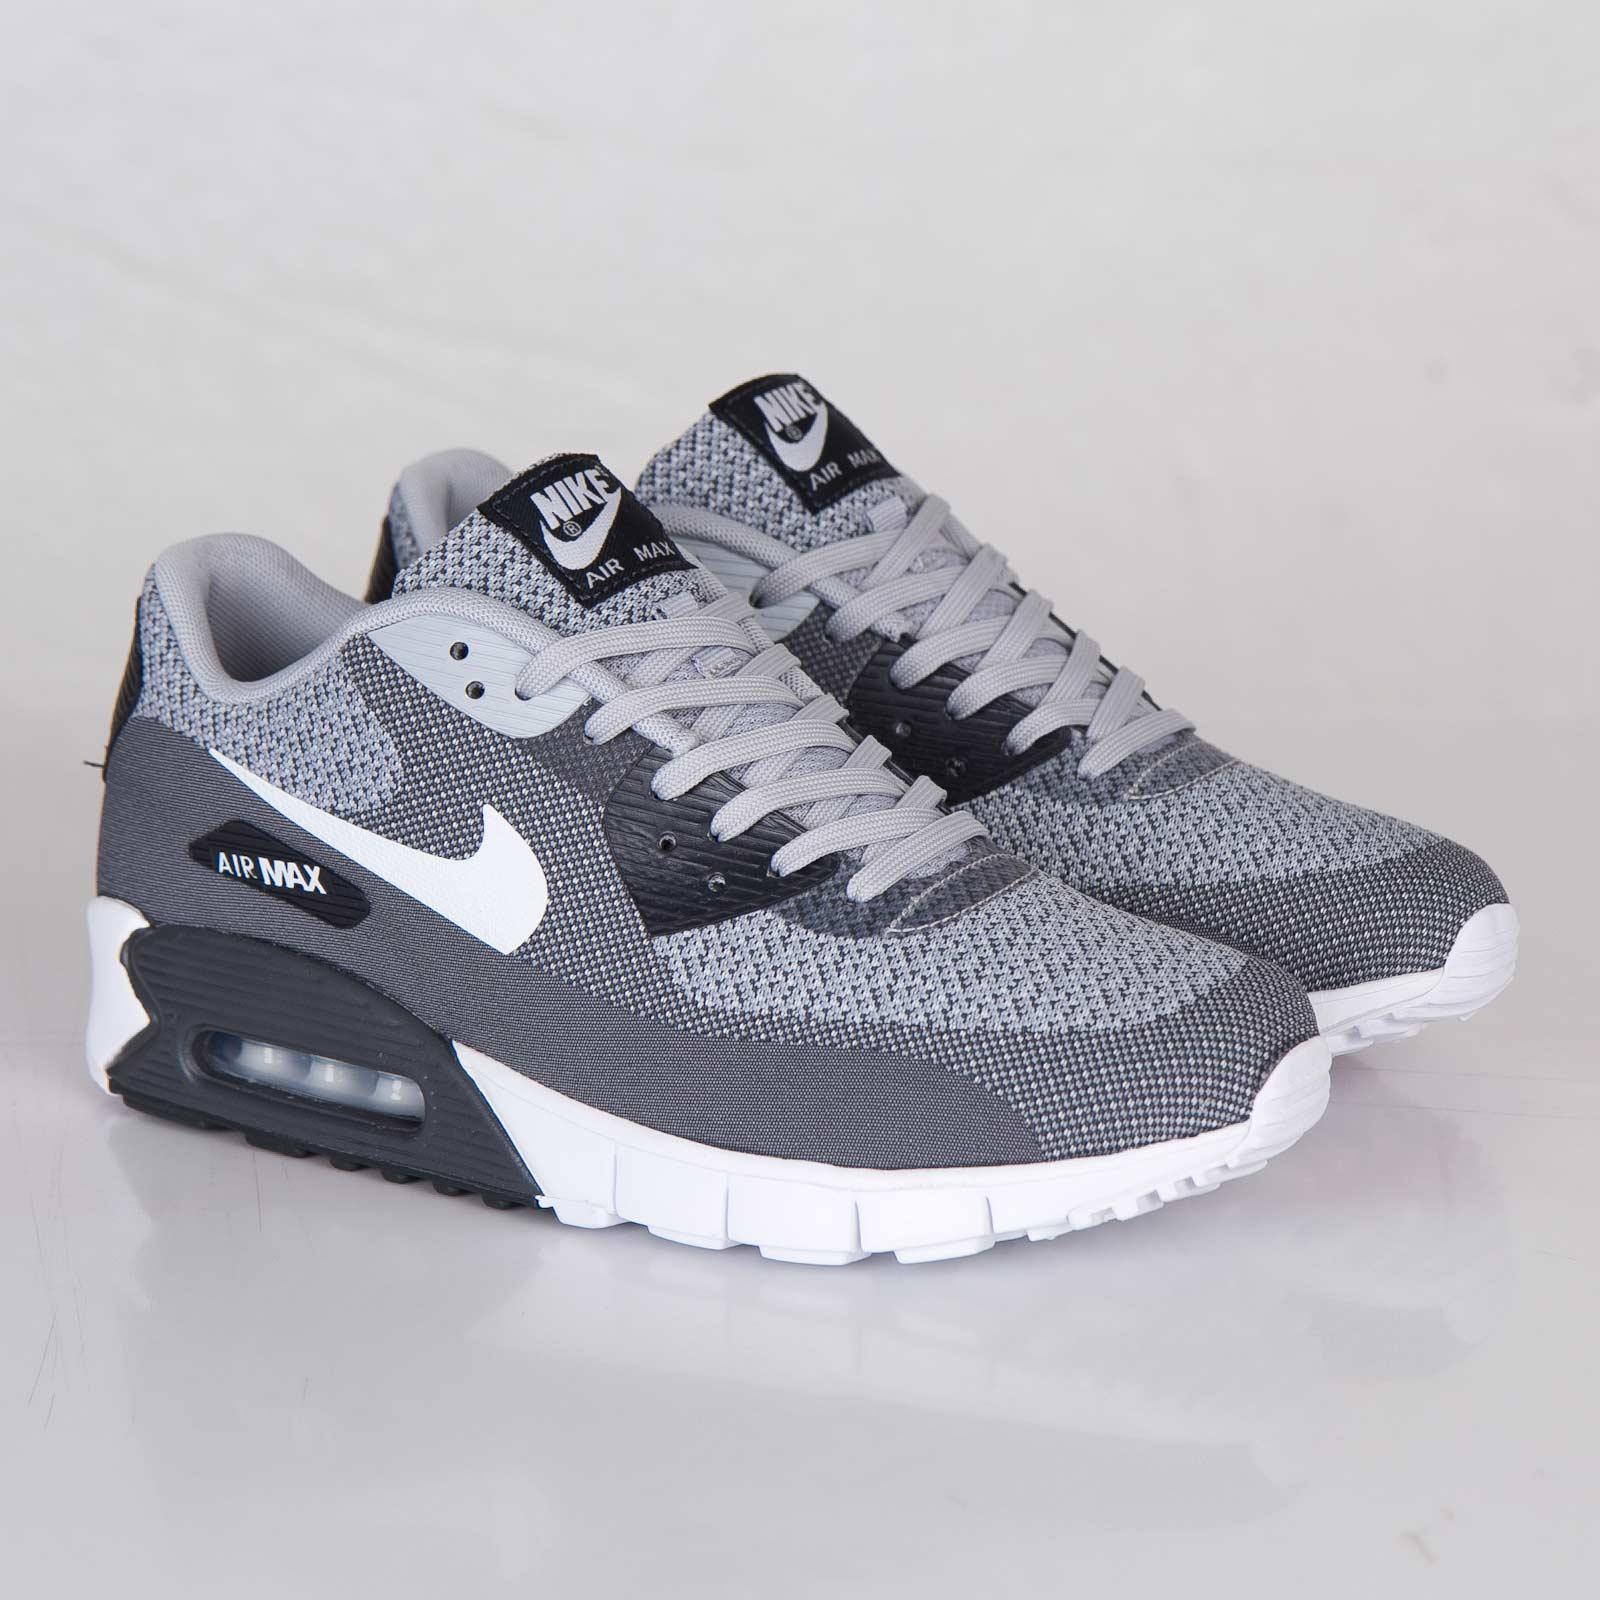 Nike Air Max 90 JCRD - 631750-003 - SNS   sneakers & streetwear ...